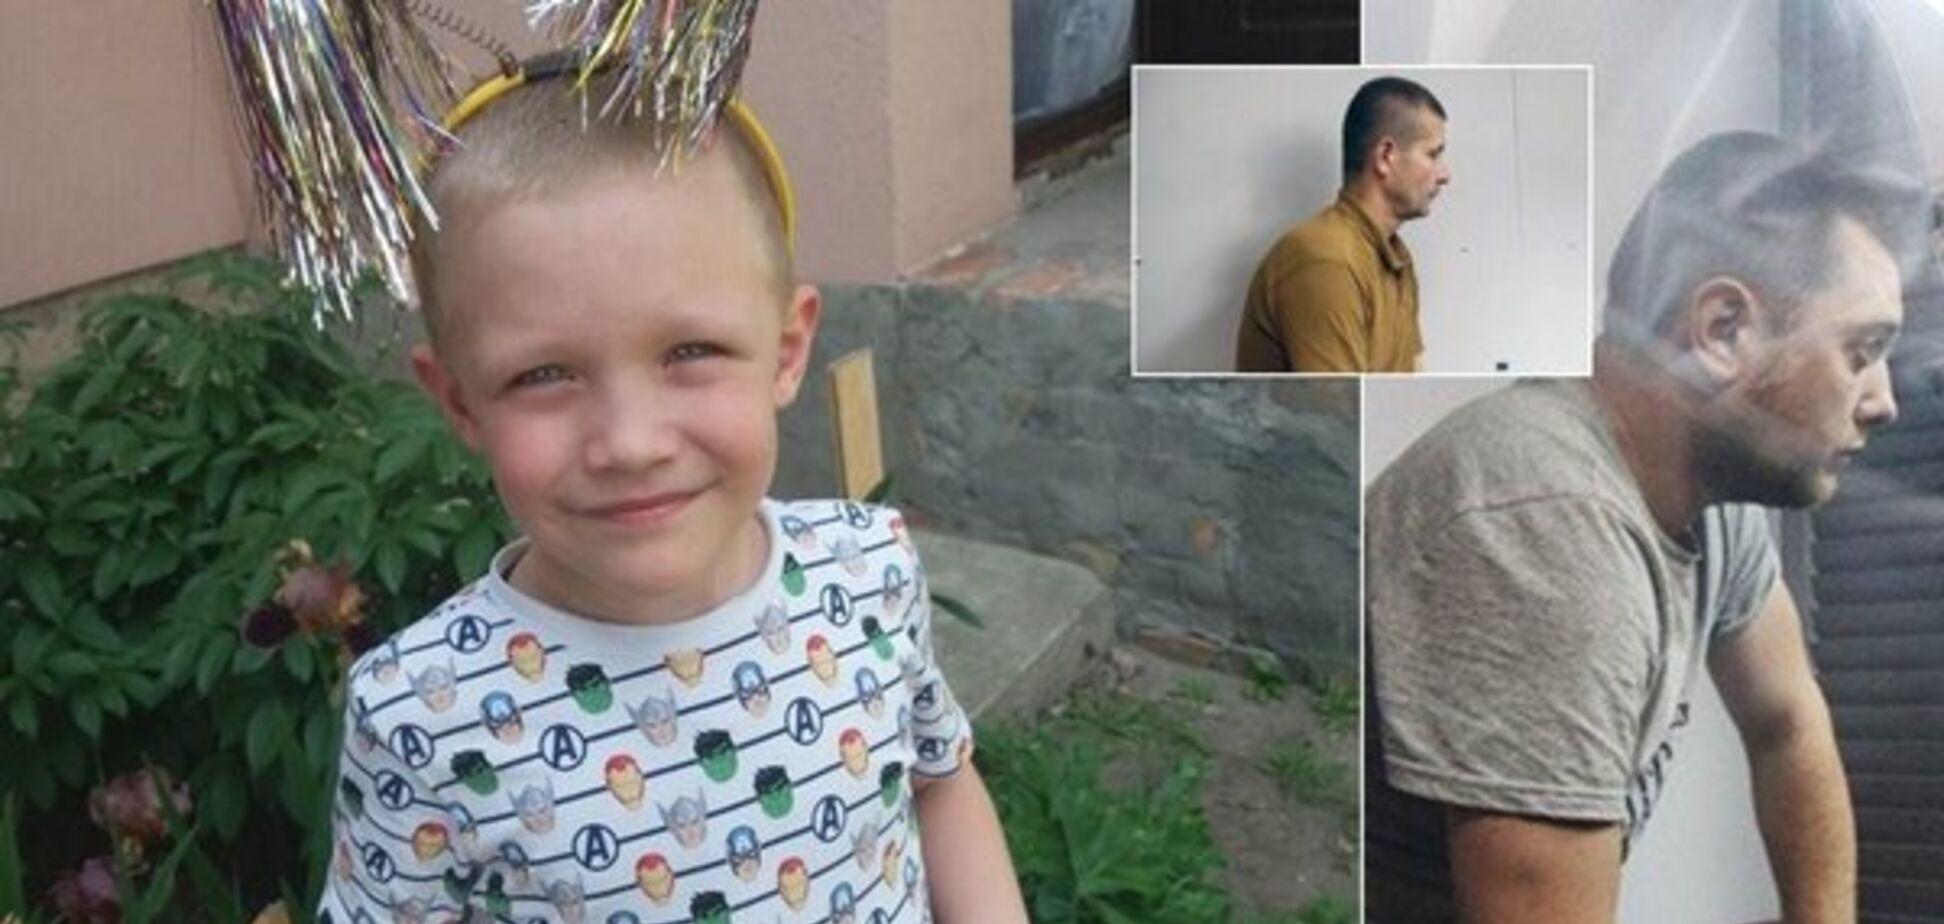 Убийство 5-летнего ребенка под Киевом: адвокат семьи обратился к Зеленскому